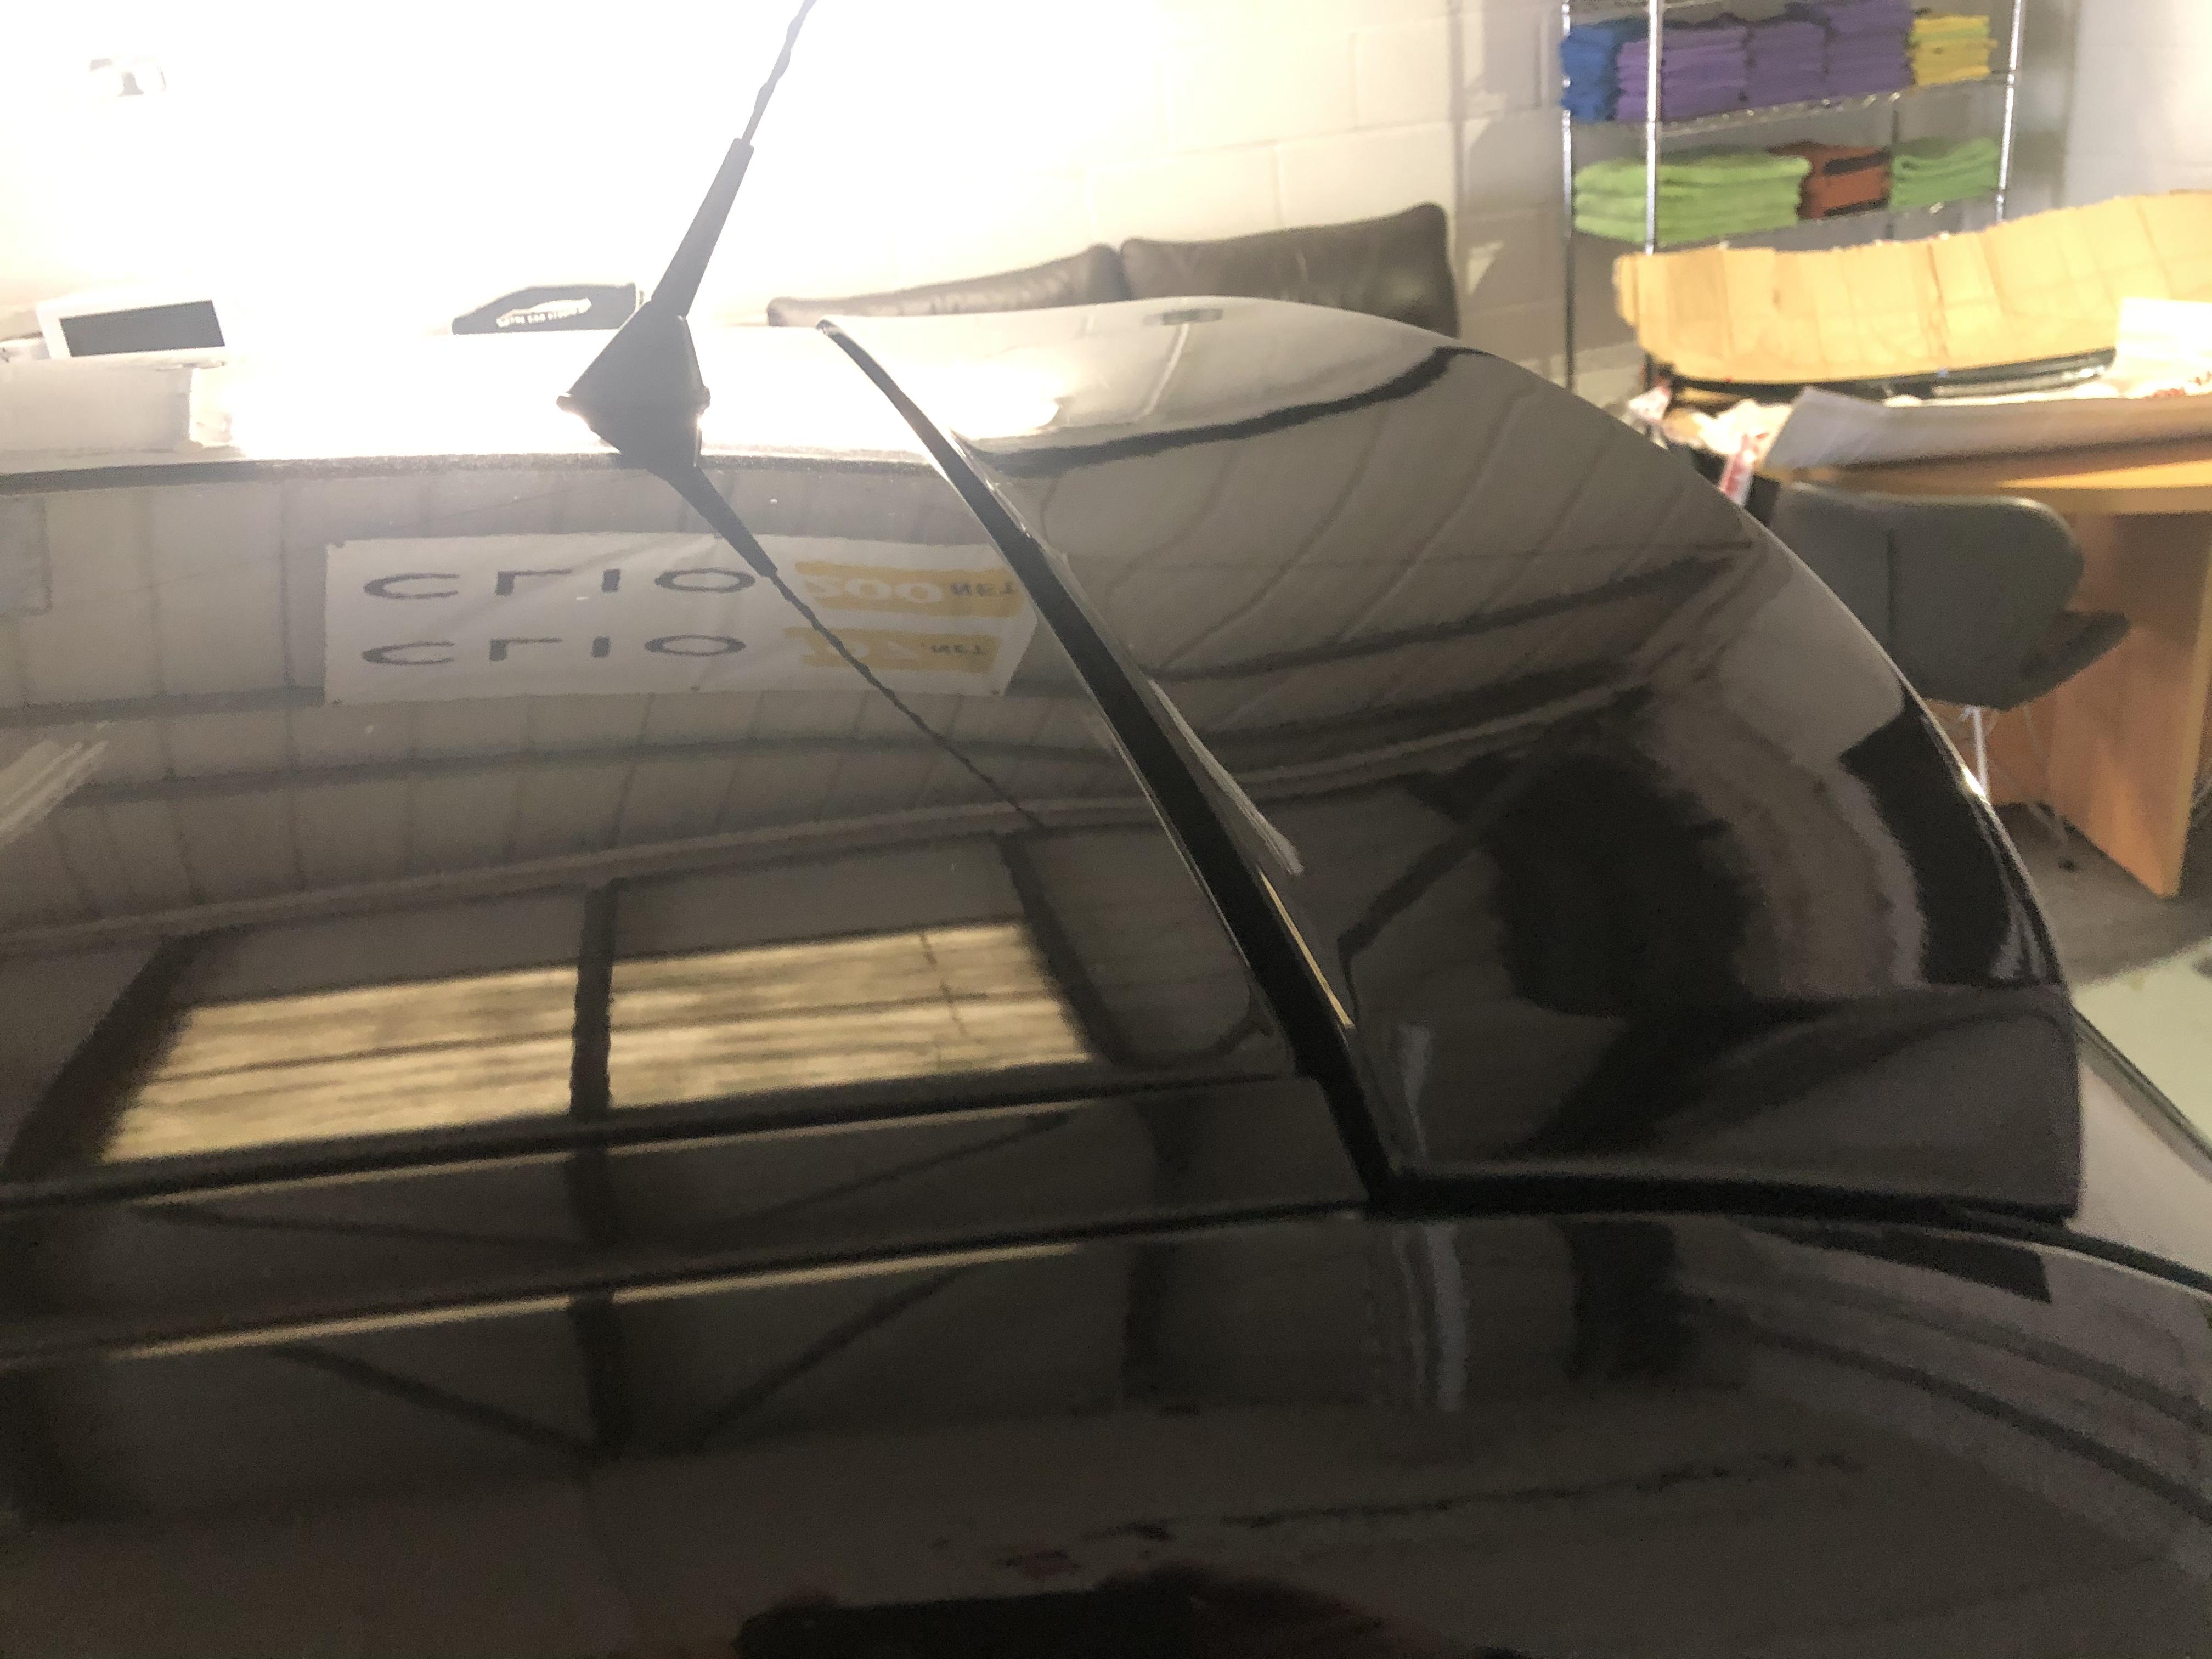 DC47AA1F-FD55-4F5D-A9FF-8F21E4B49141.jpeg